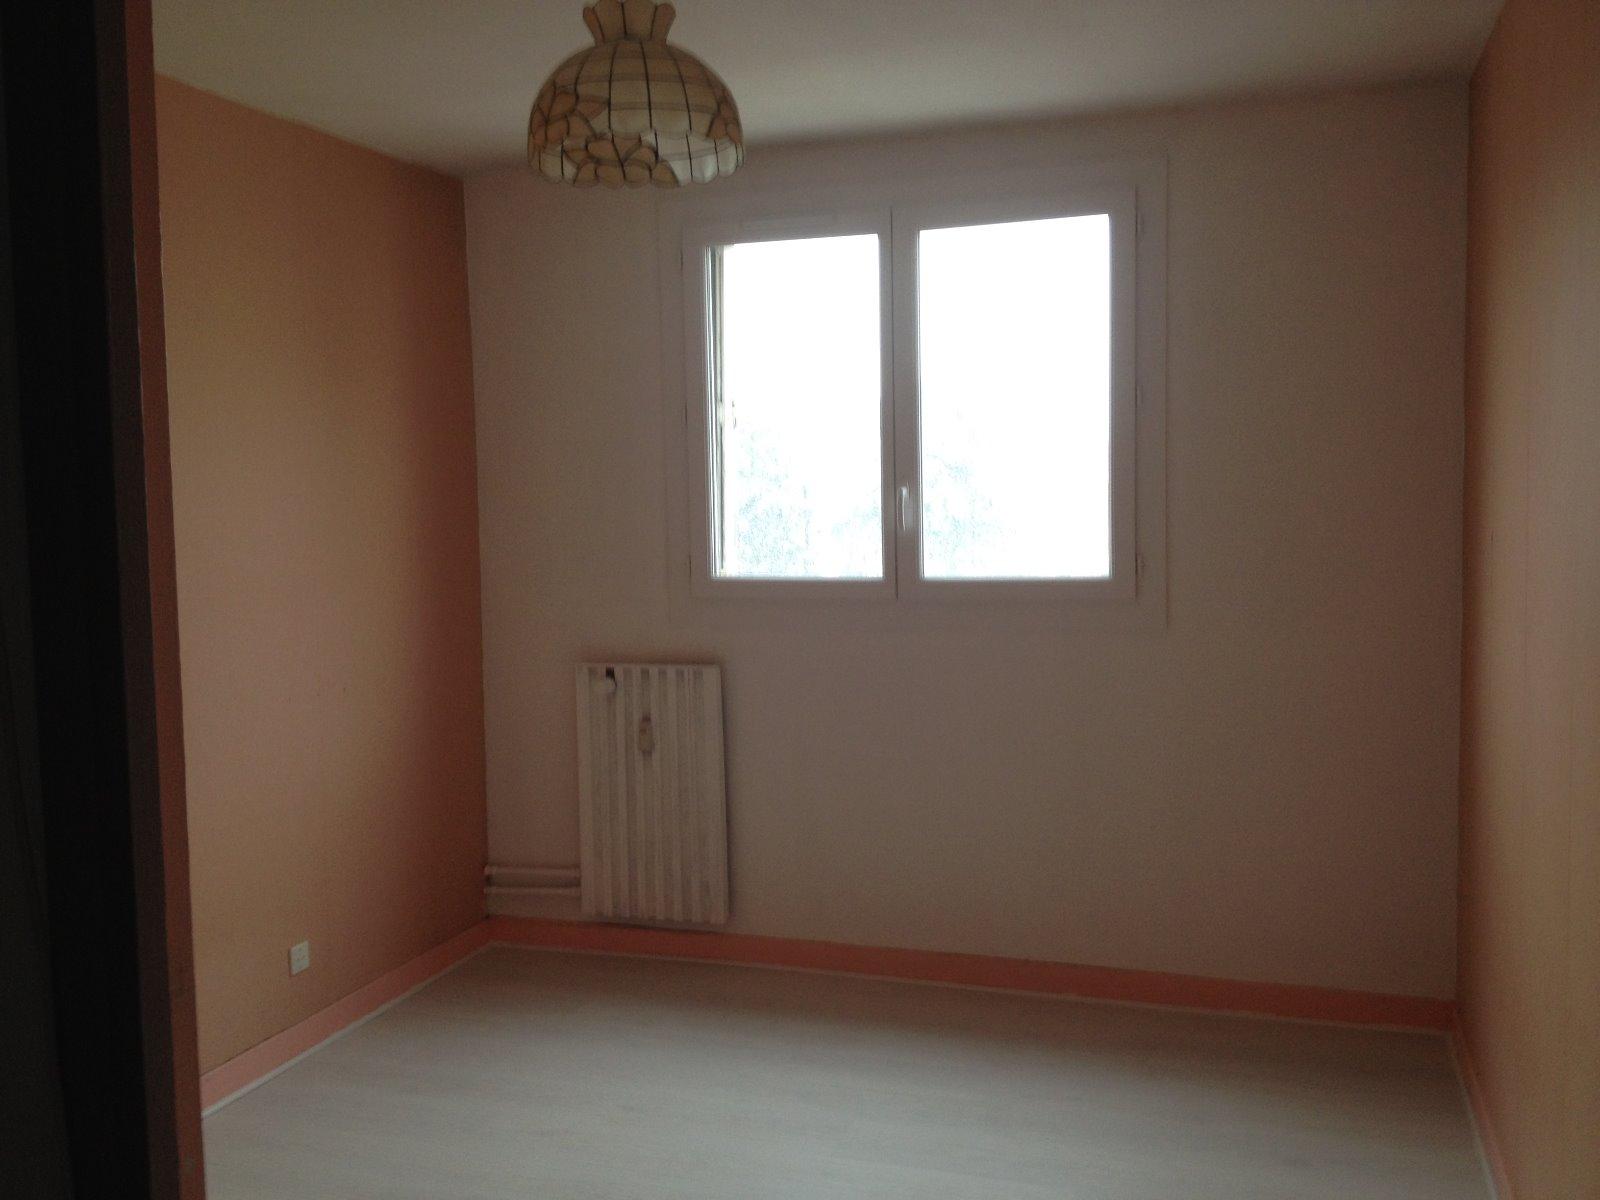 Vente appartement le cannet des maures 83340 62m avec for Immobilier chambre sans fenetre